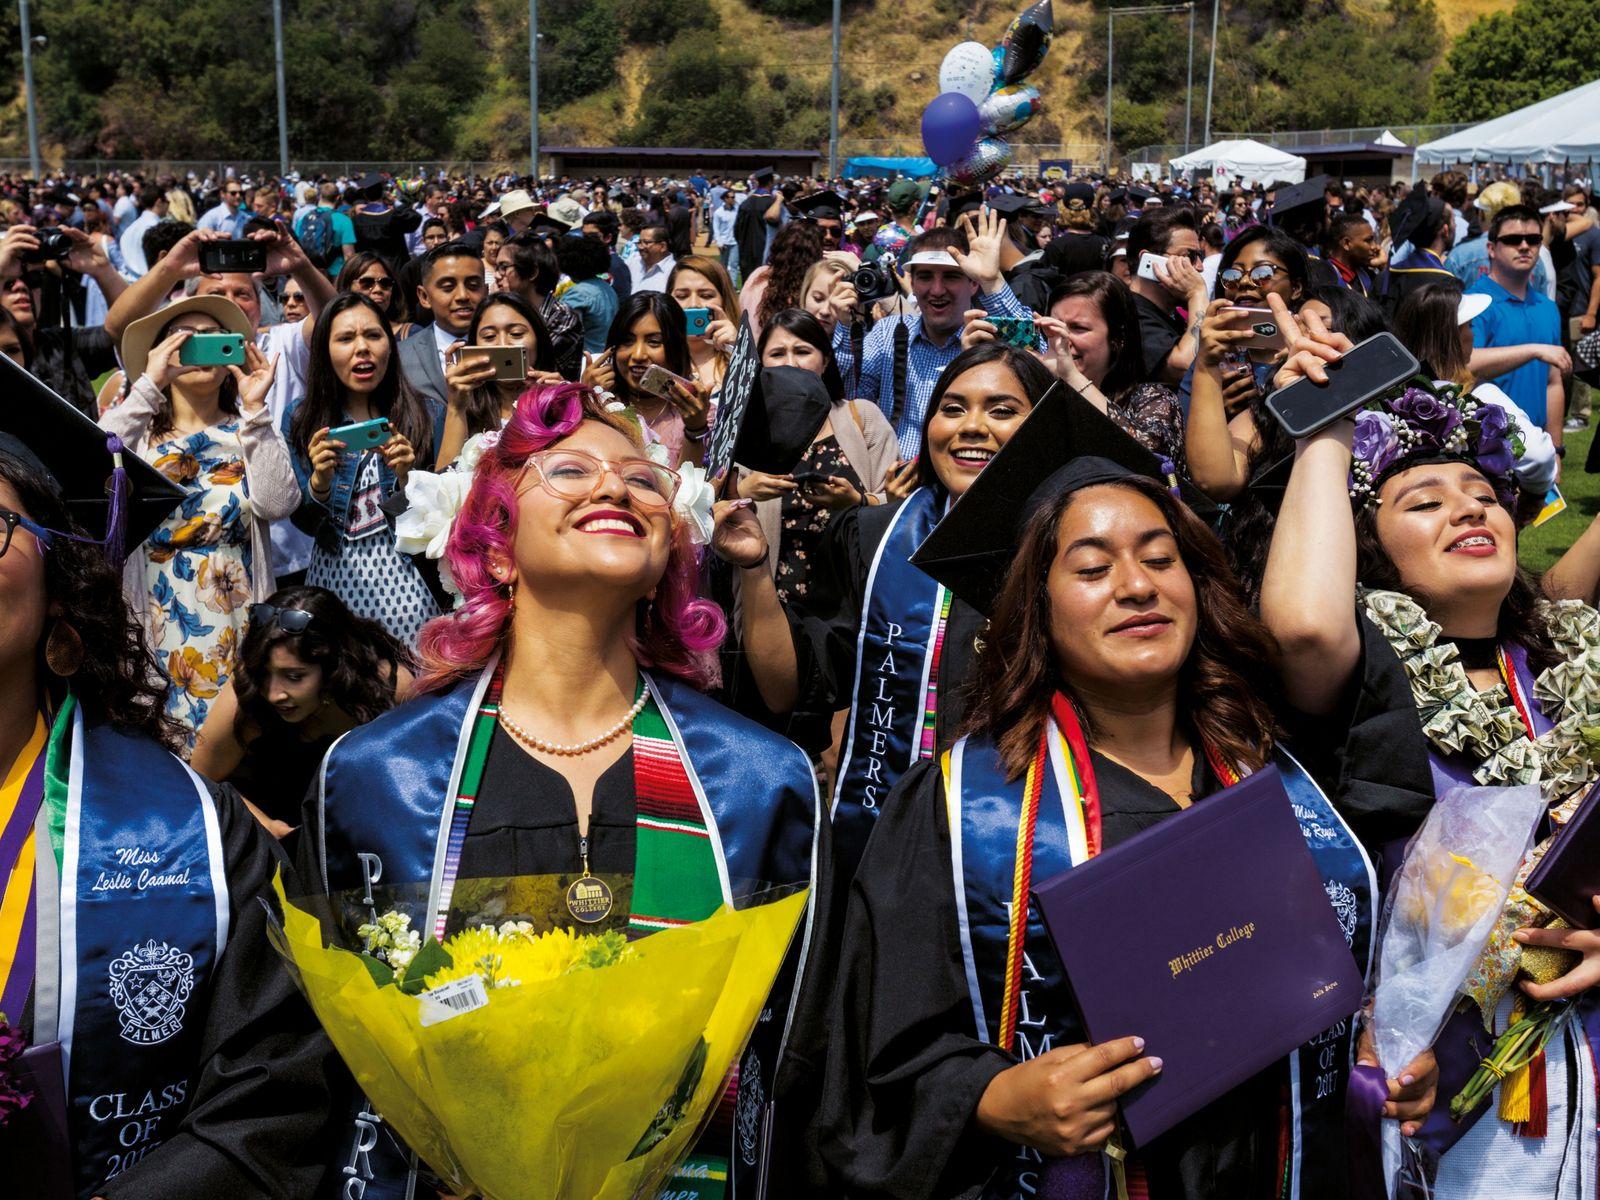 Des membres de la Palmer Society, une association féminine universitaire, fêtent l'obtention de leur diplôme du ...